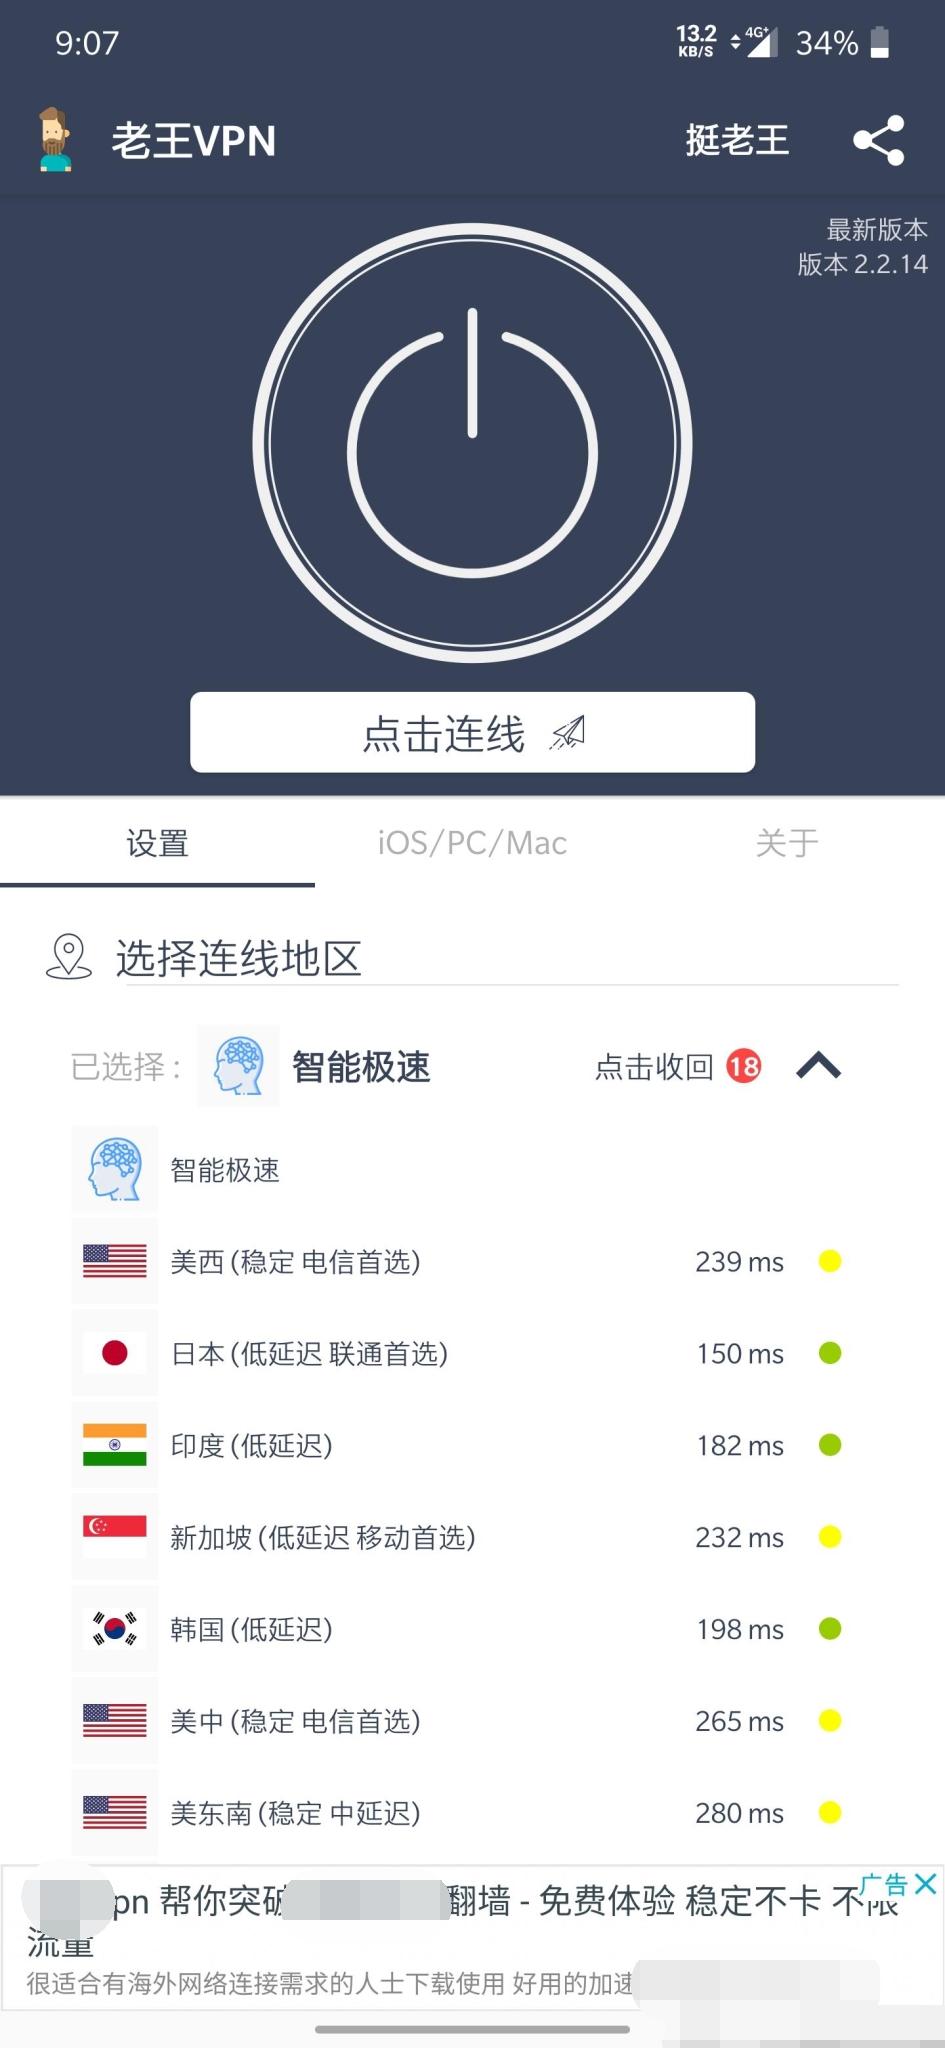 老王vpn最新版v2.2.15优化体验 梯子秒谷歌 佛系VPN